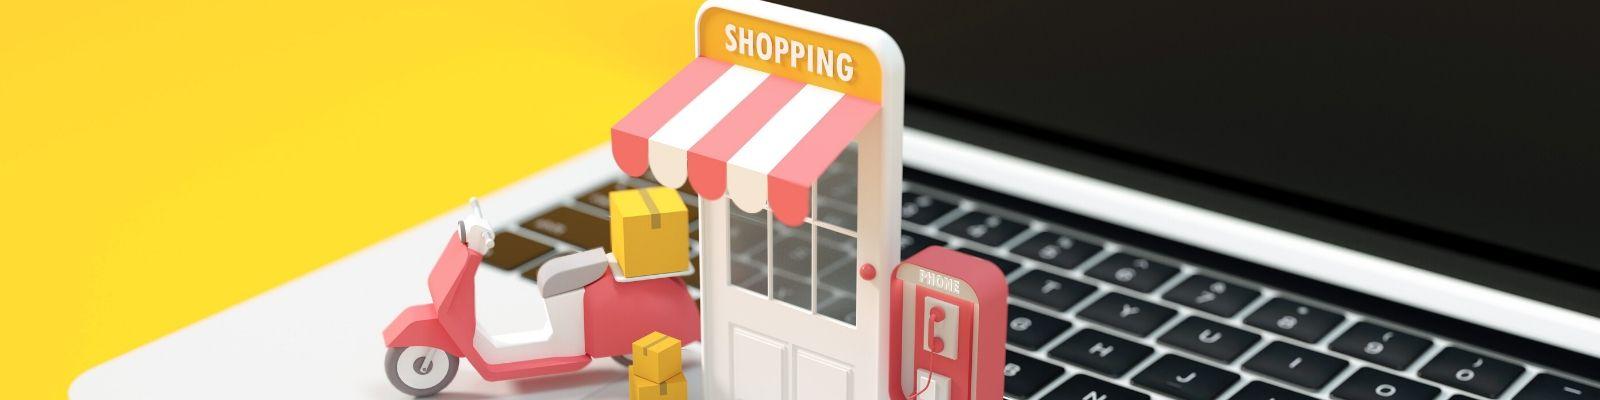 Claves del Estudio Anual eCommerce 2020 IAB by Elogia